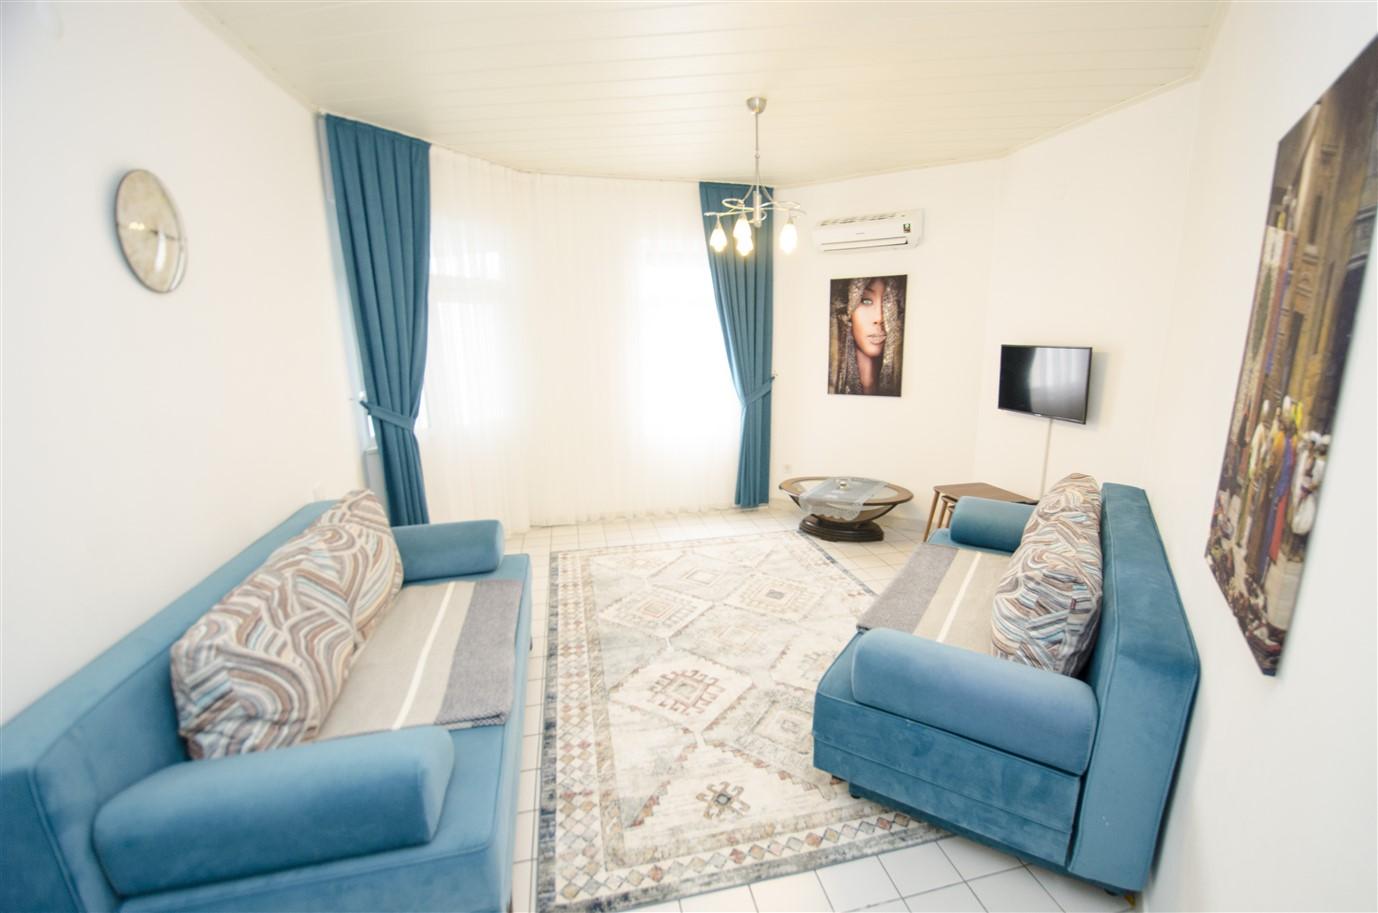 Квартира 1+1 с мебелью в районе Лиман Коньяалты Анталия - Фото 4